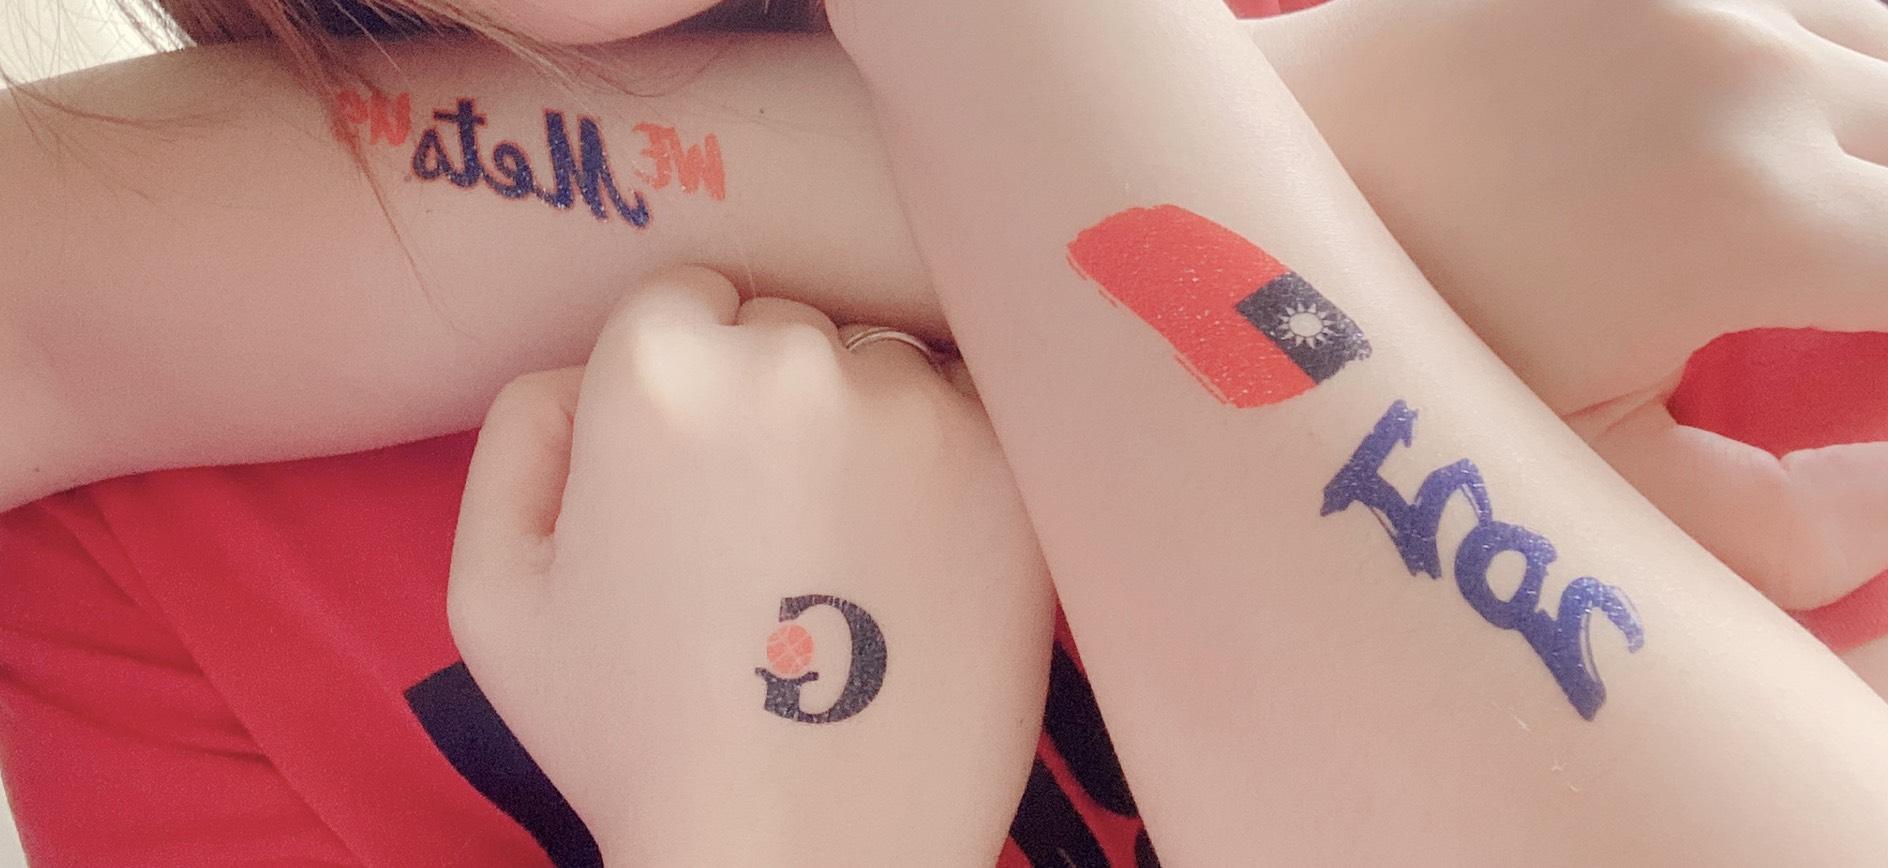 美國大都會台灣日活動紋身貼紙應用